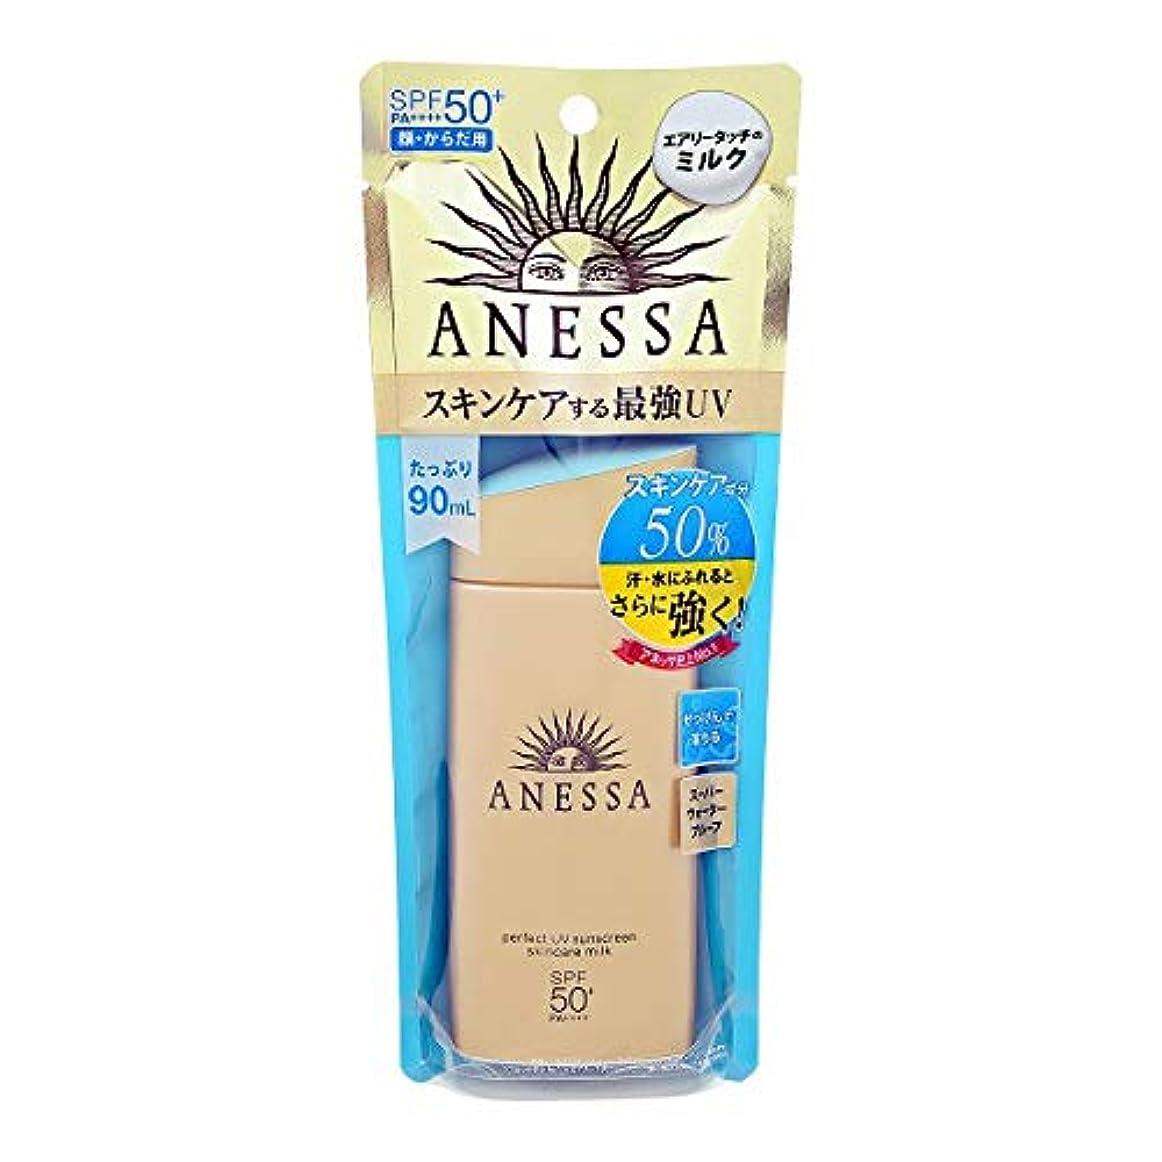 同一の呼び出す人生を作るアネッサ(ANESSA) パーフェクトUV スキンケアミルク 90mL [ 日焼け止め ] [並行輸入品]